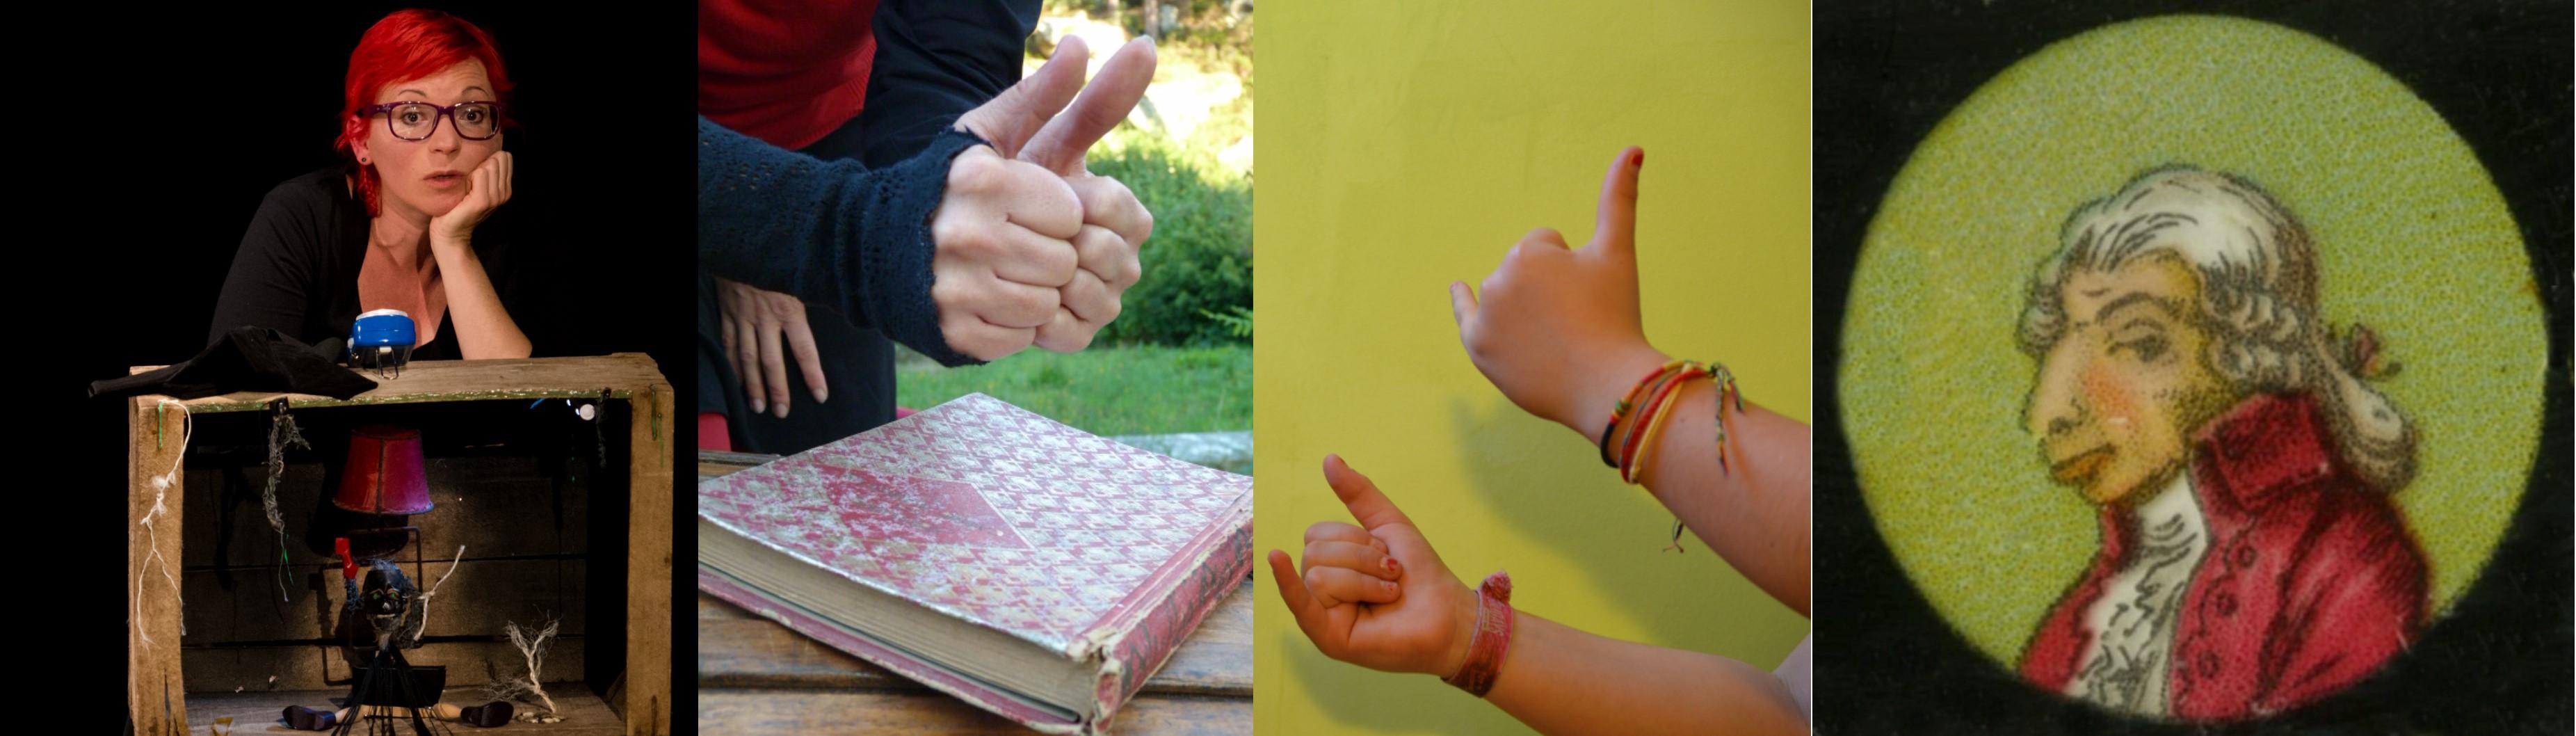 Raconter en mouvements avec la langue des signes françaises, représentations sur scène